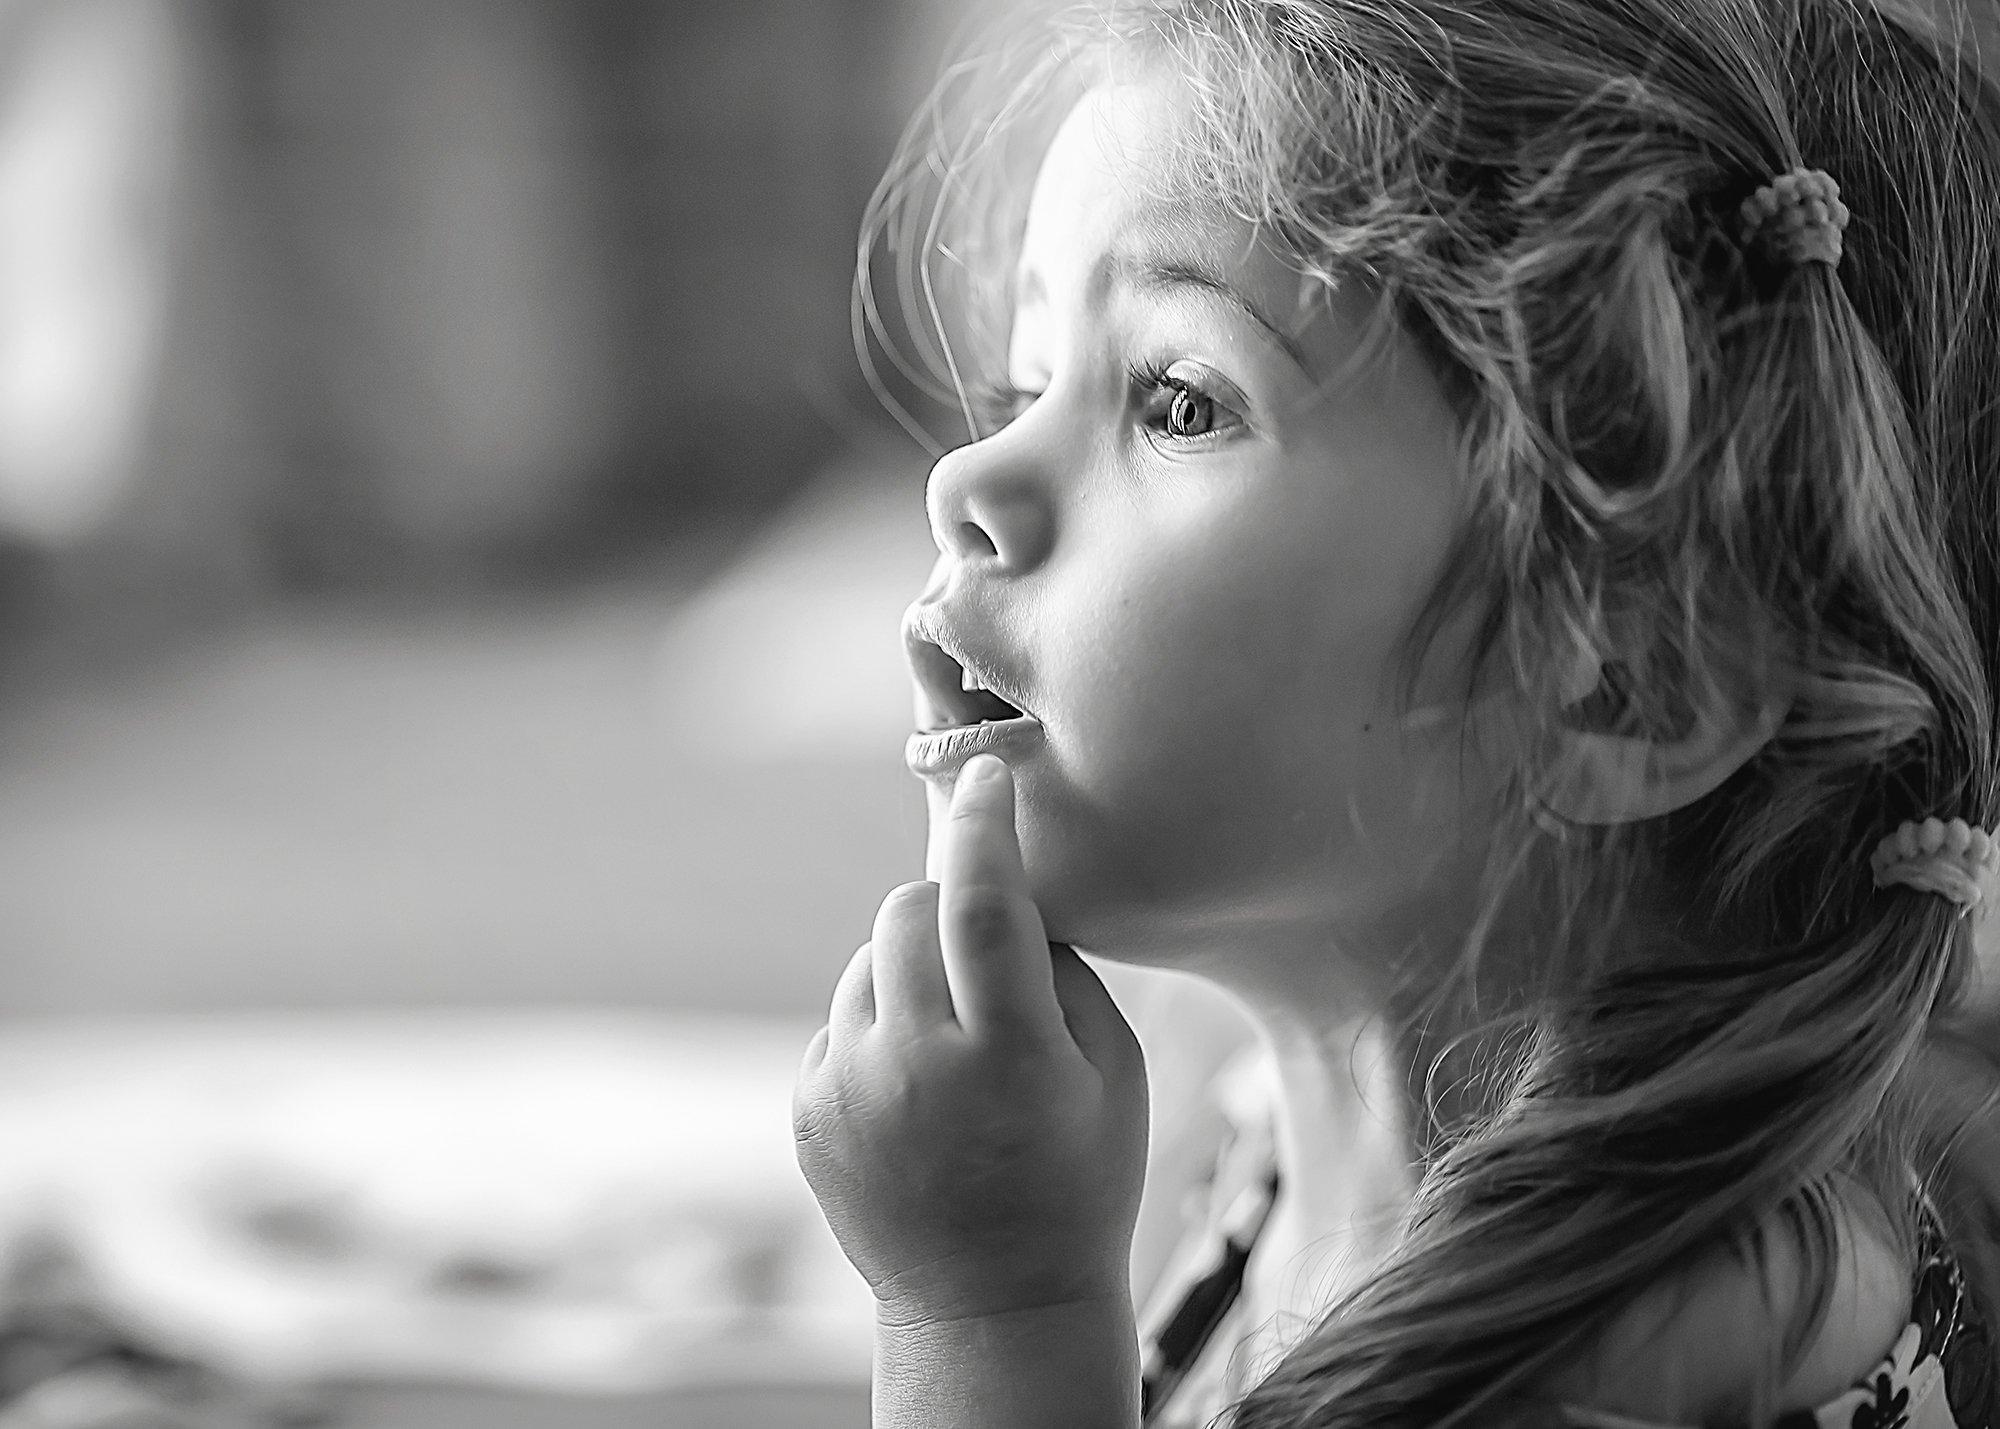 детство,стремление узнать что-то новое, ирина горюкина, Горюкина Ирина